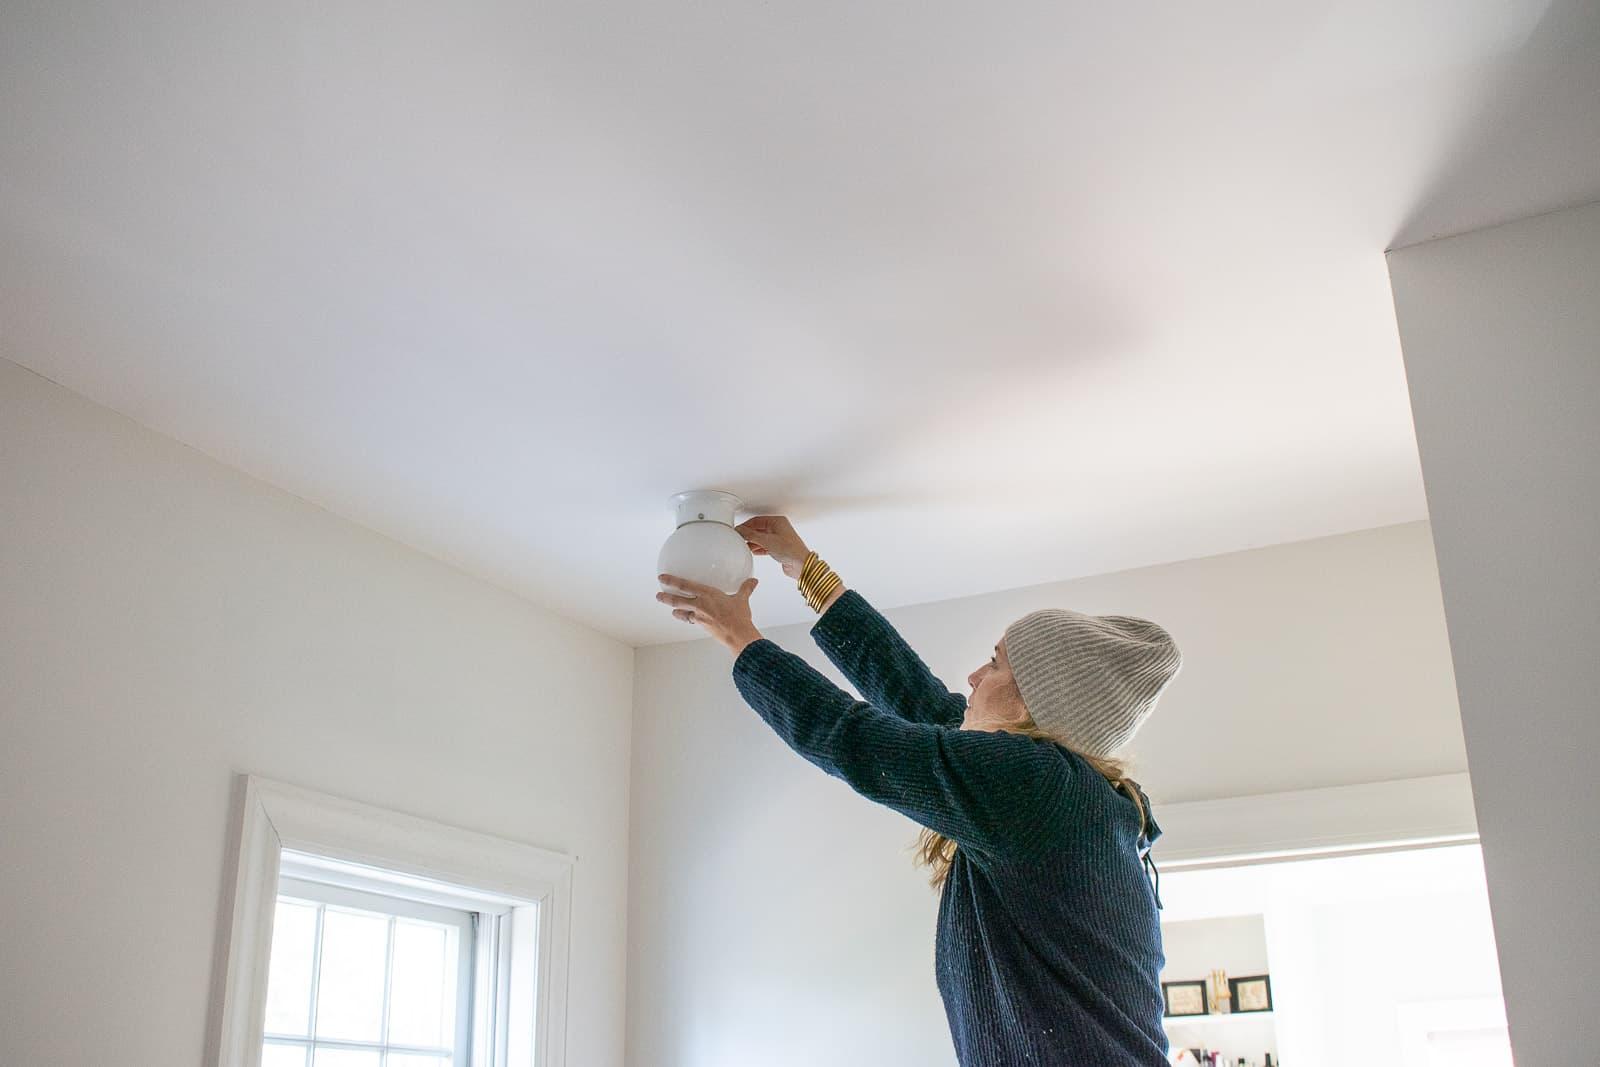 replacing a closet light